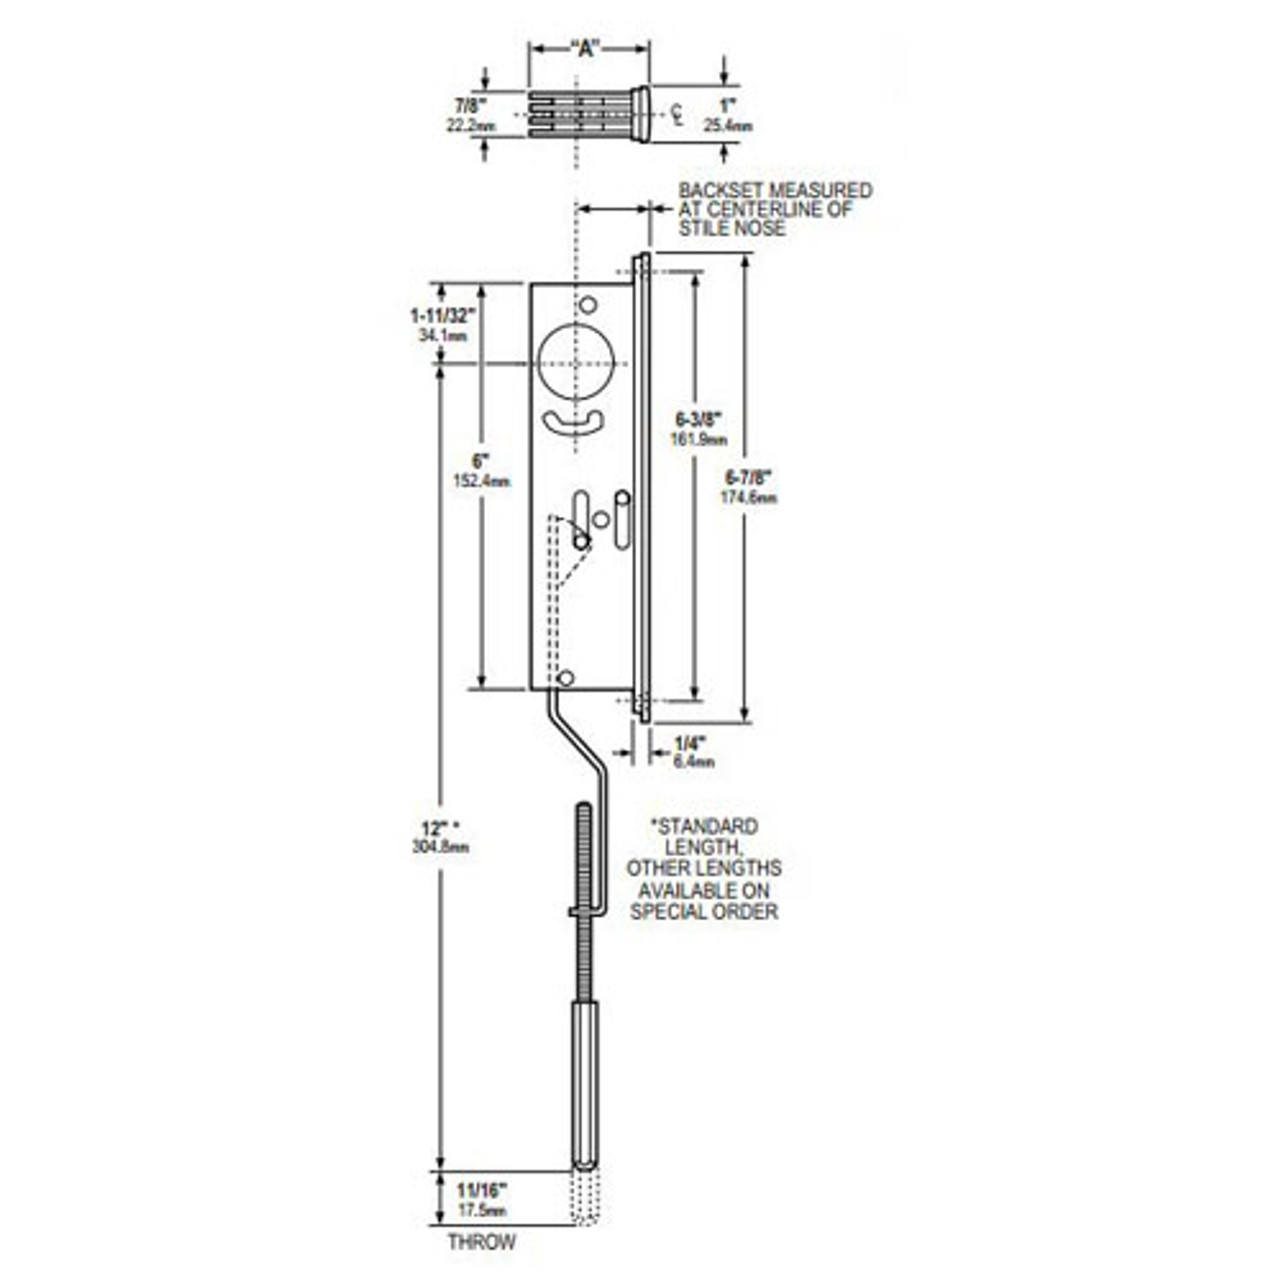 1871-36-628 Adams Rite Flushbolt Dimensional View